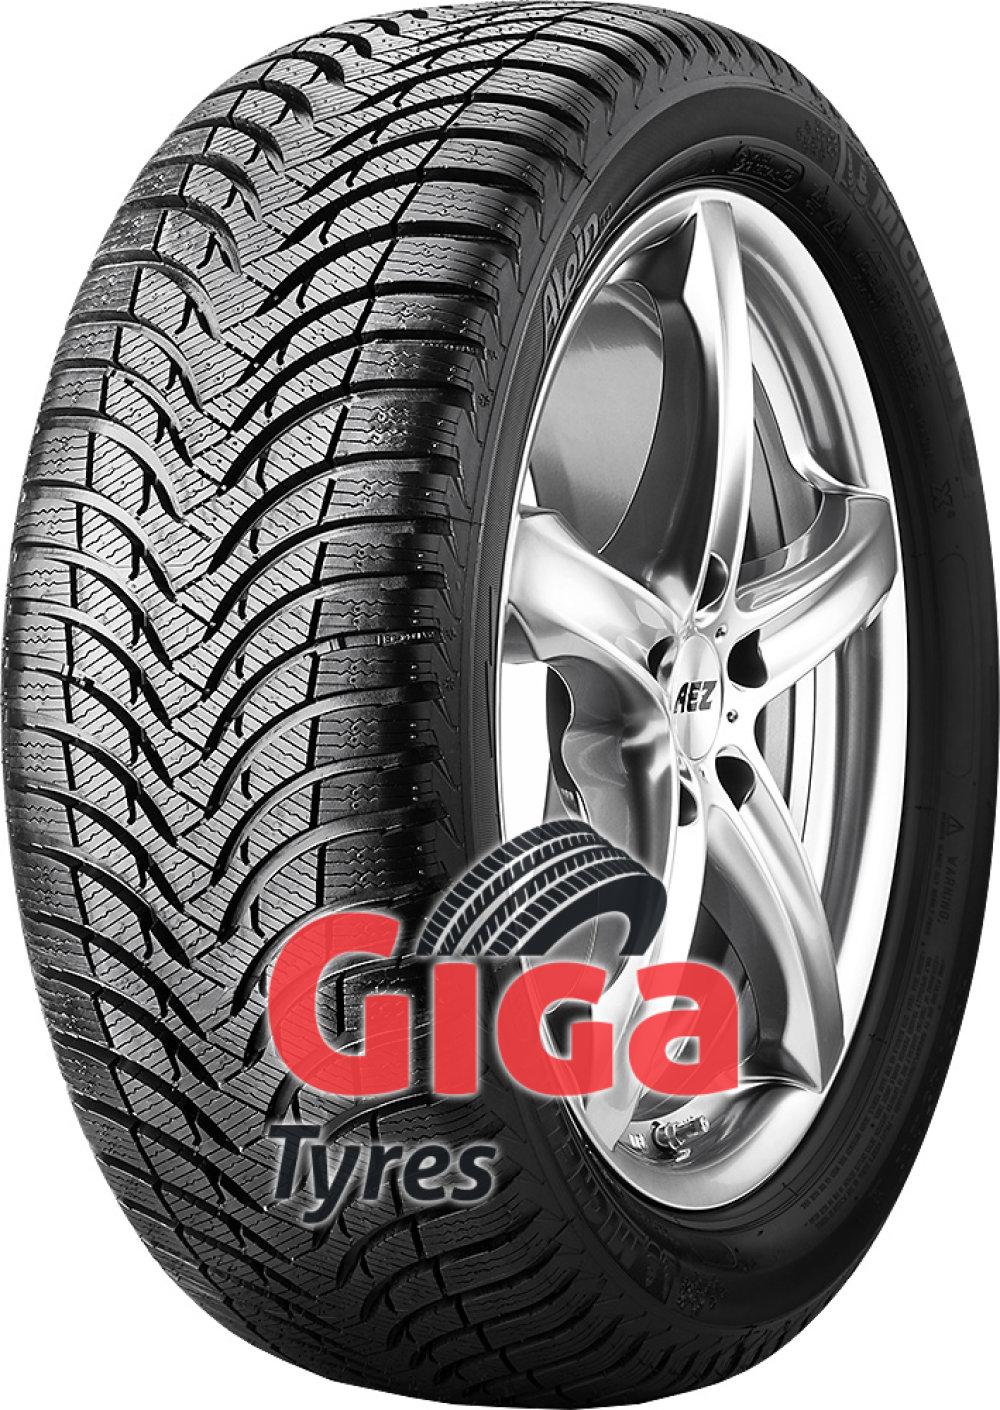 Michelin Alpin A4 ( 185/60 R15 88T XL GRNX )